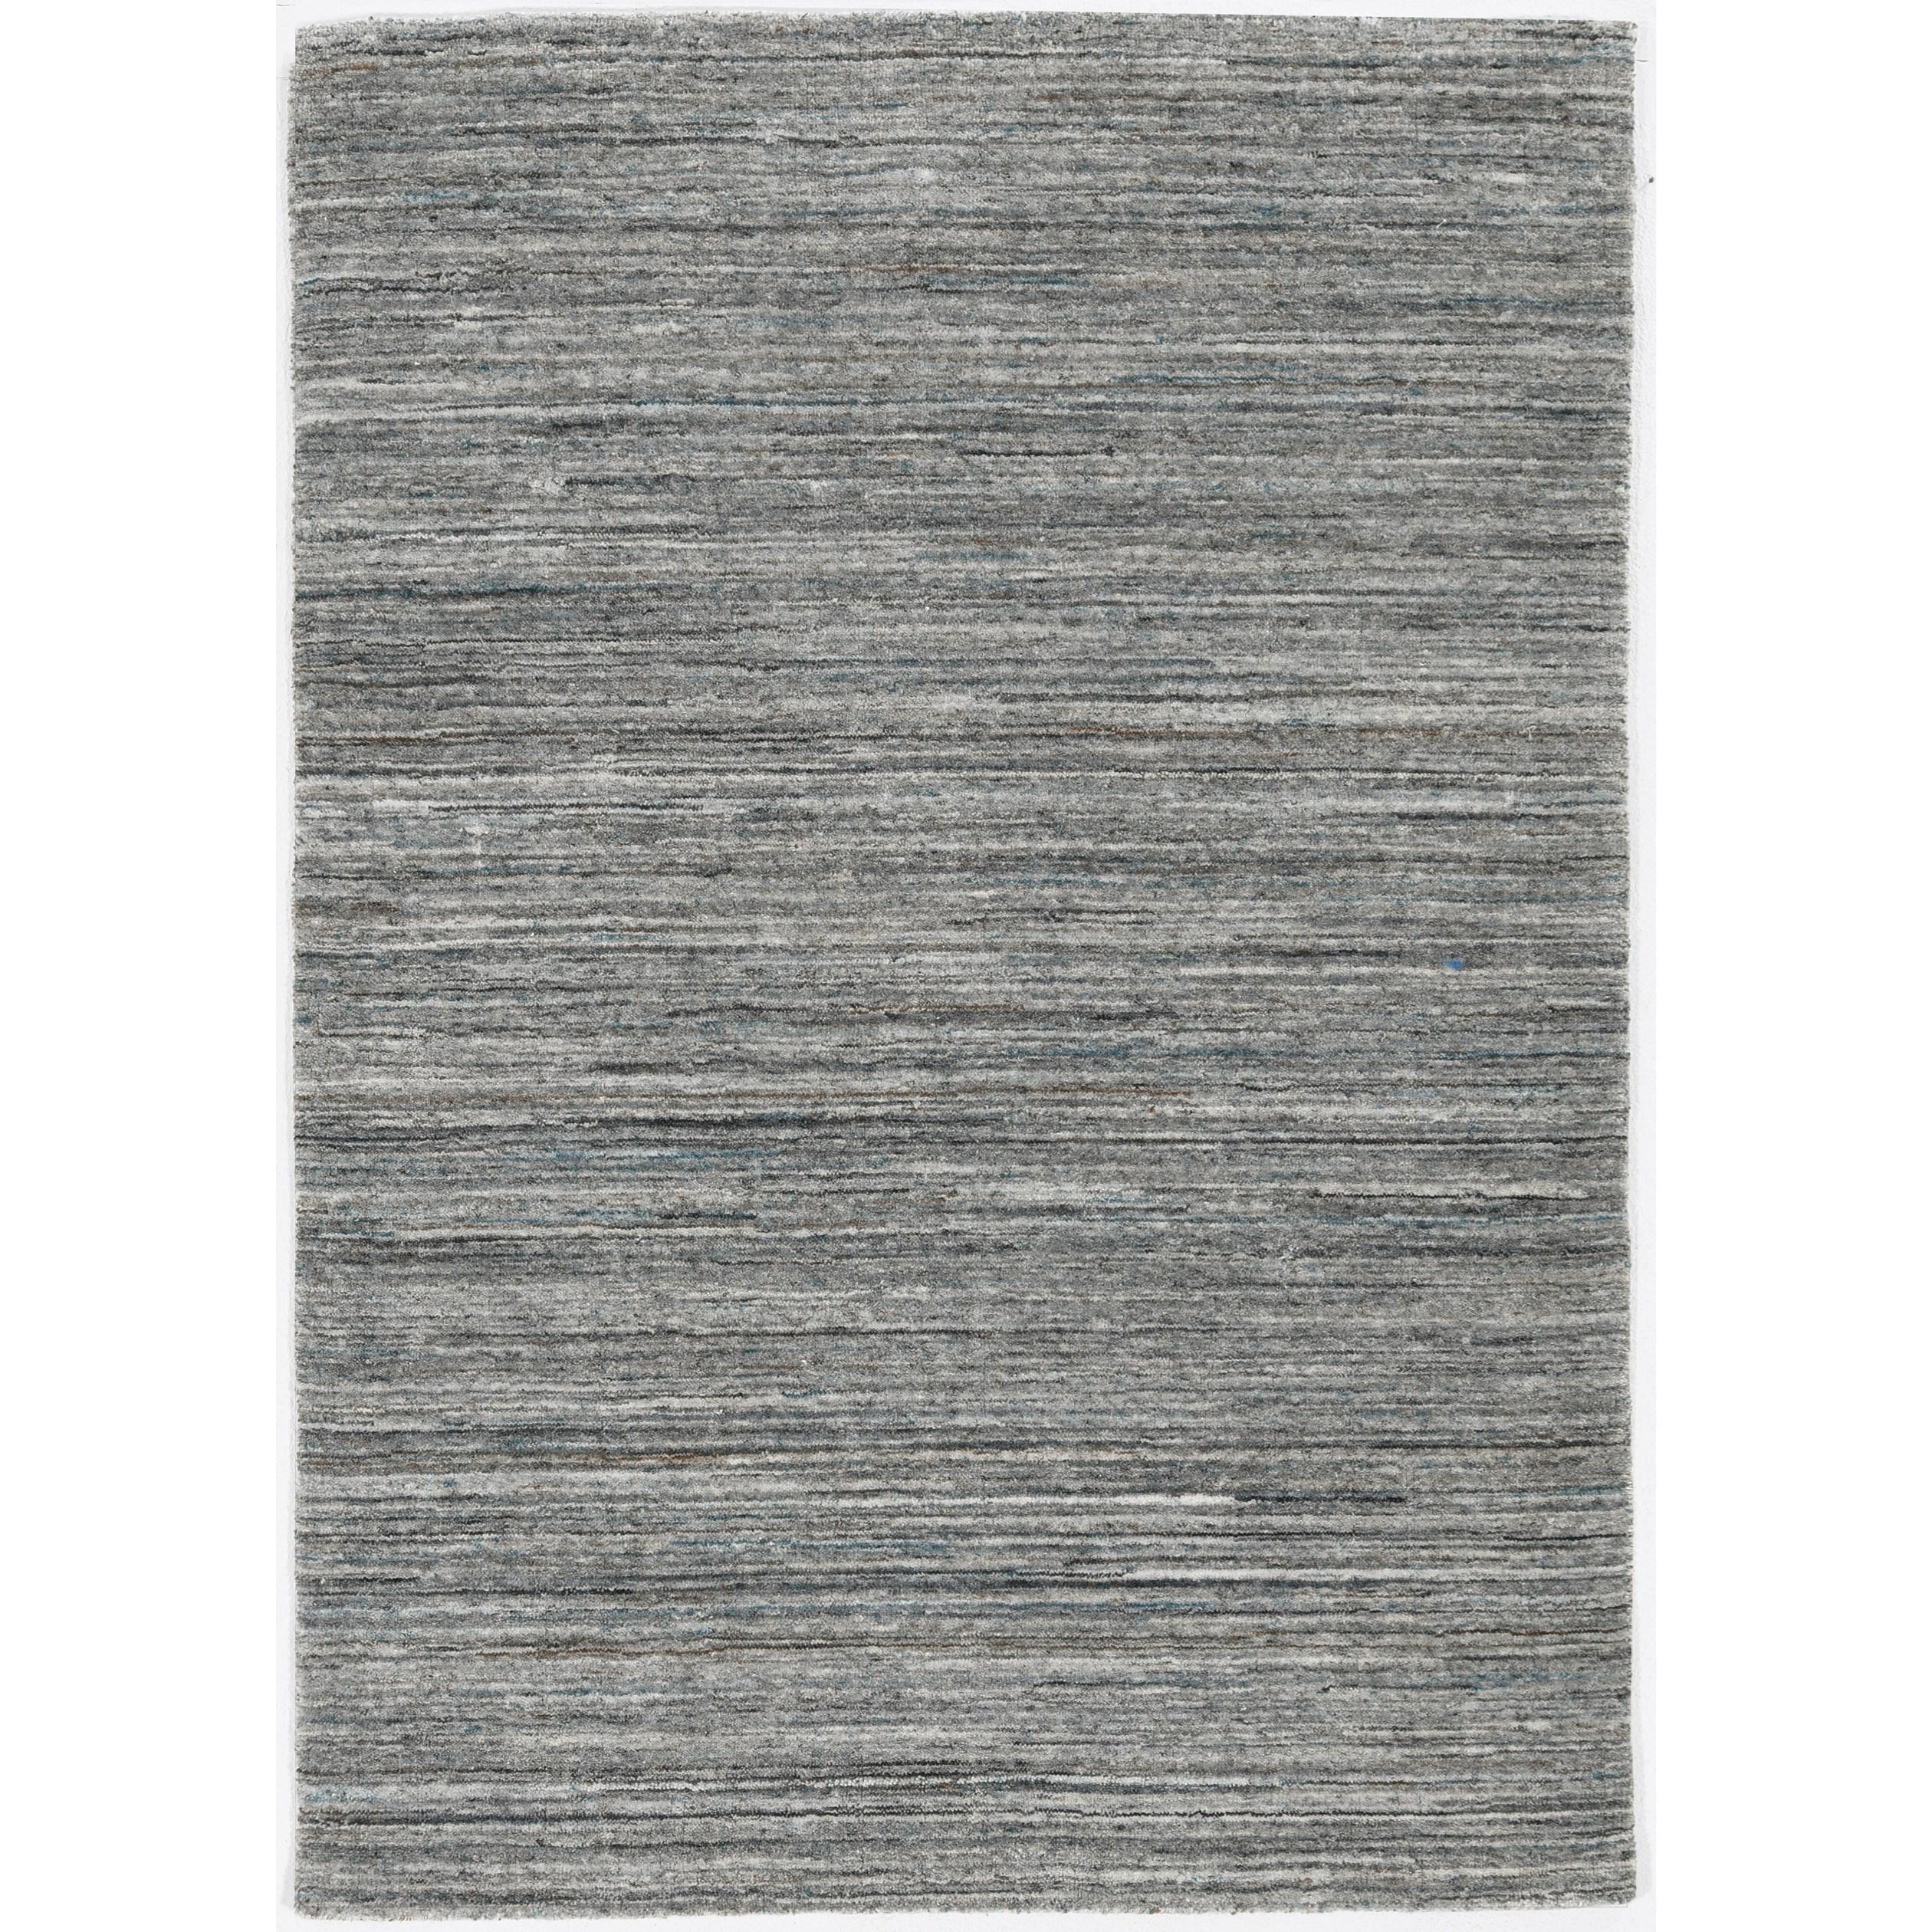 5' x 8' Grey Landscape Rug